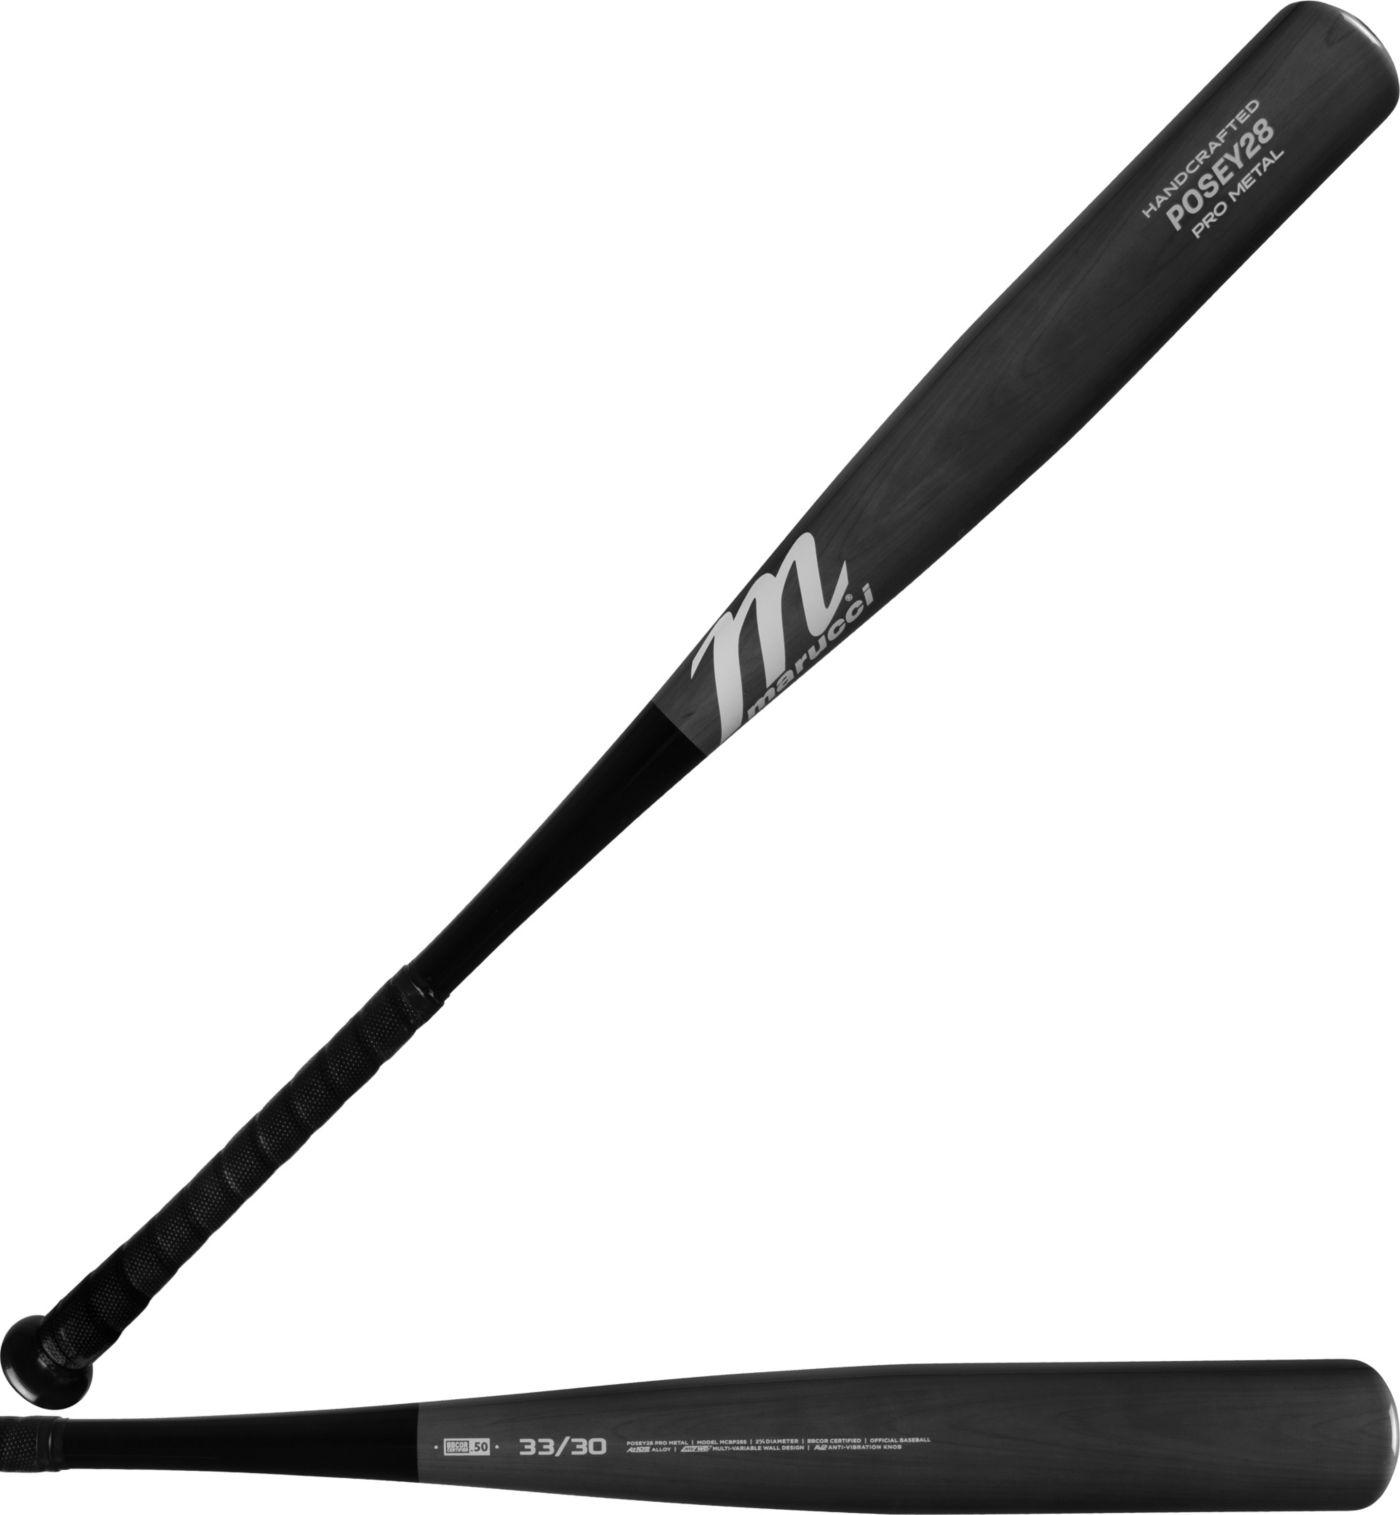 Marucci POSEY28 Pro Metal Smoke BBCOR Bat 2019 (-3)